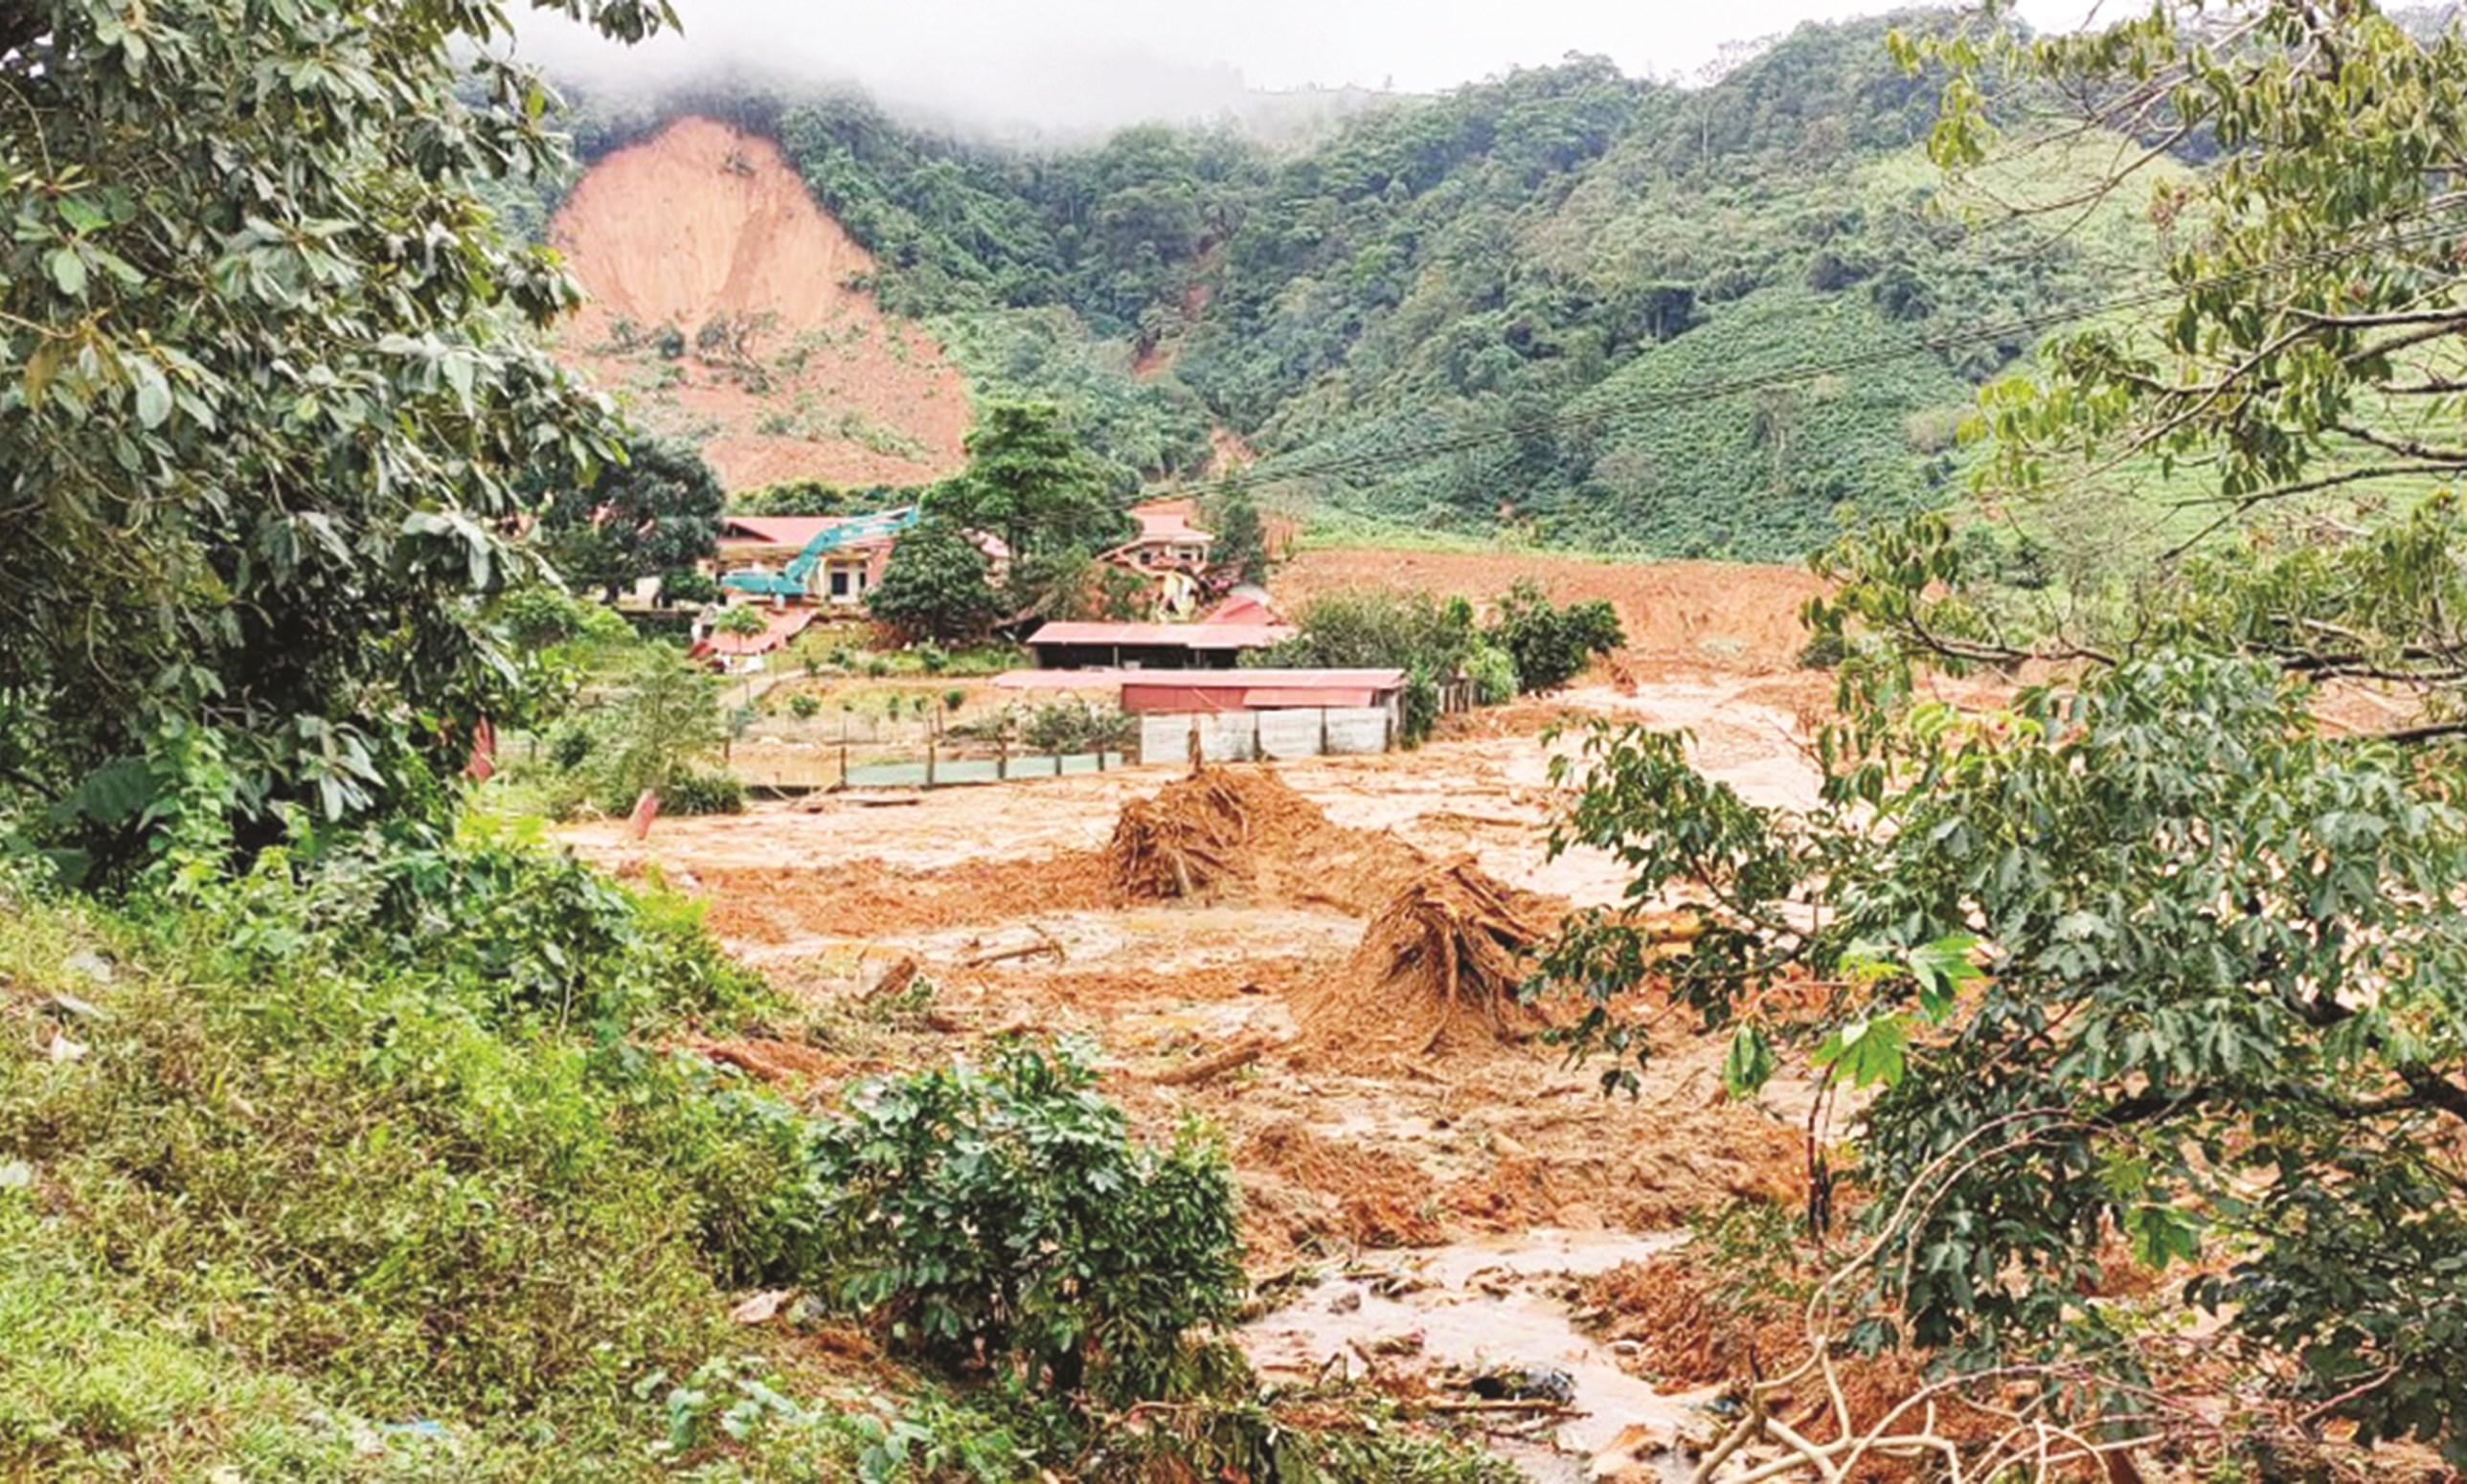 Diện tích rừng tự nhiên giảm là một trong những nguyên nhân khiến tình trạng lũ quét, sạt lở đất ngày càng nghiêm trọng. (Ảnh minh họa)